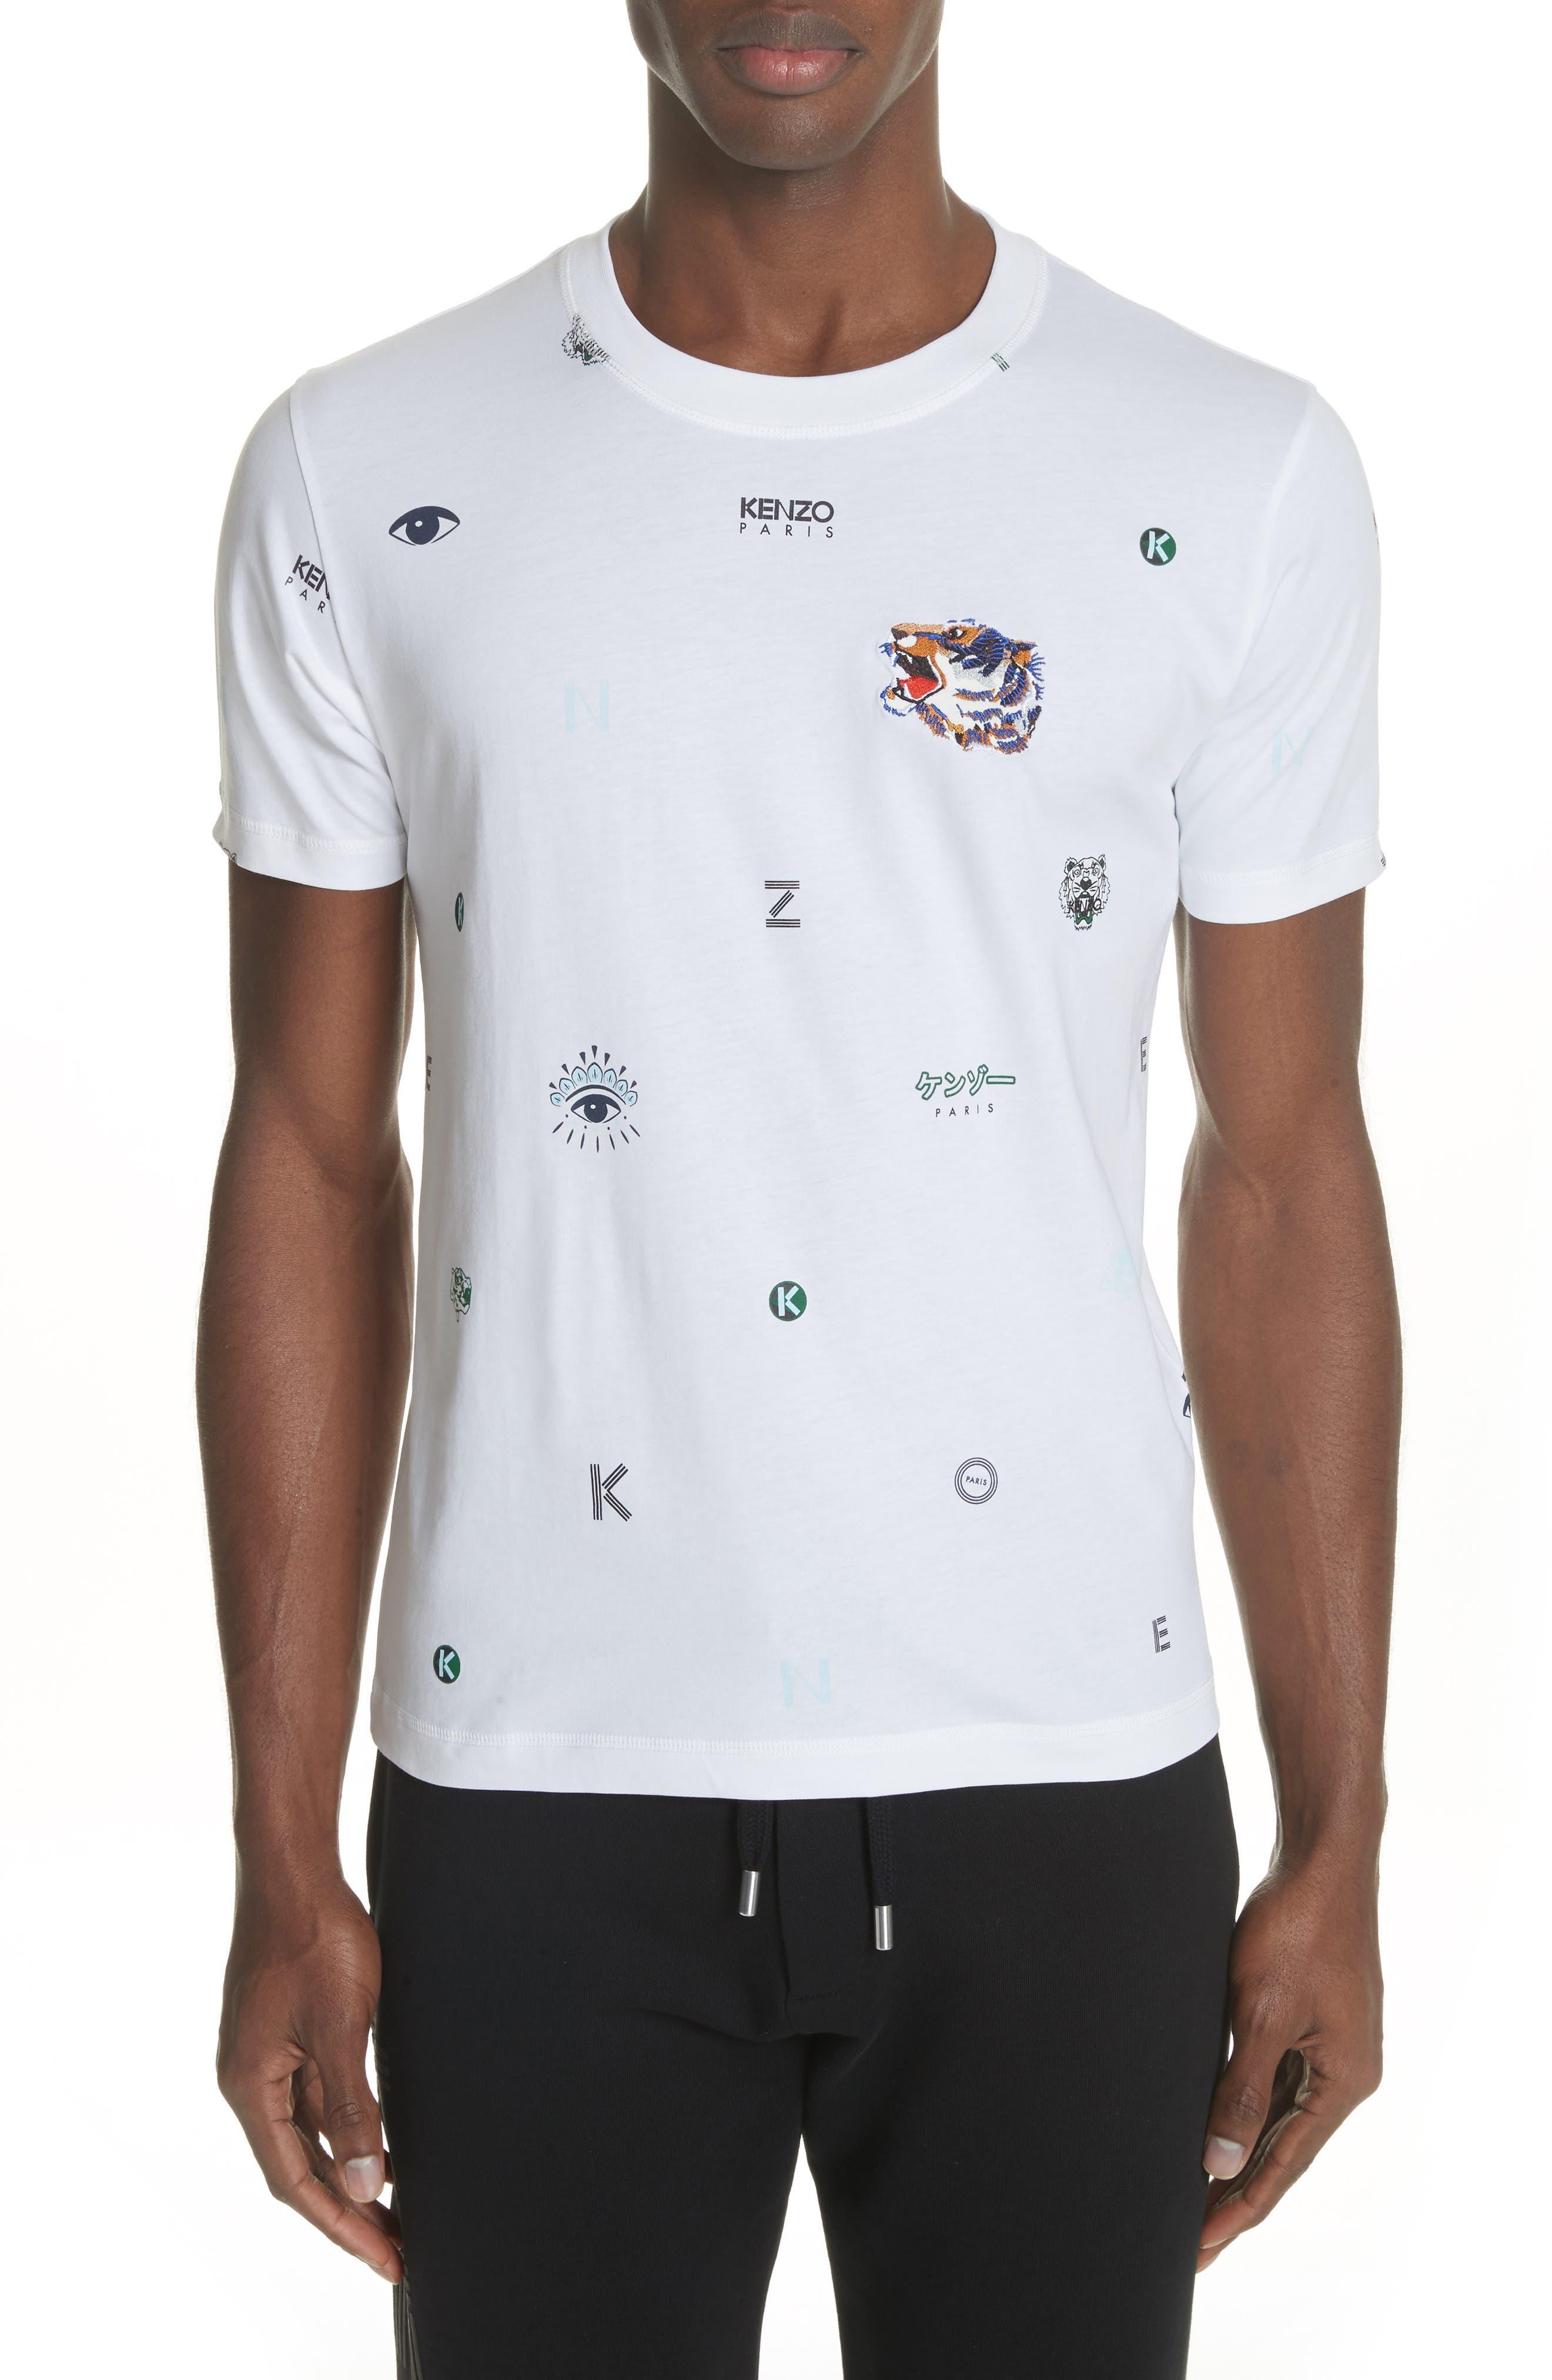 KENZO Ryuichi Sakamoto Graphic T-Shirt